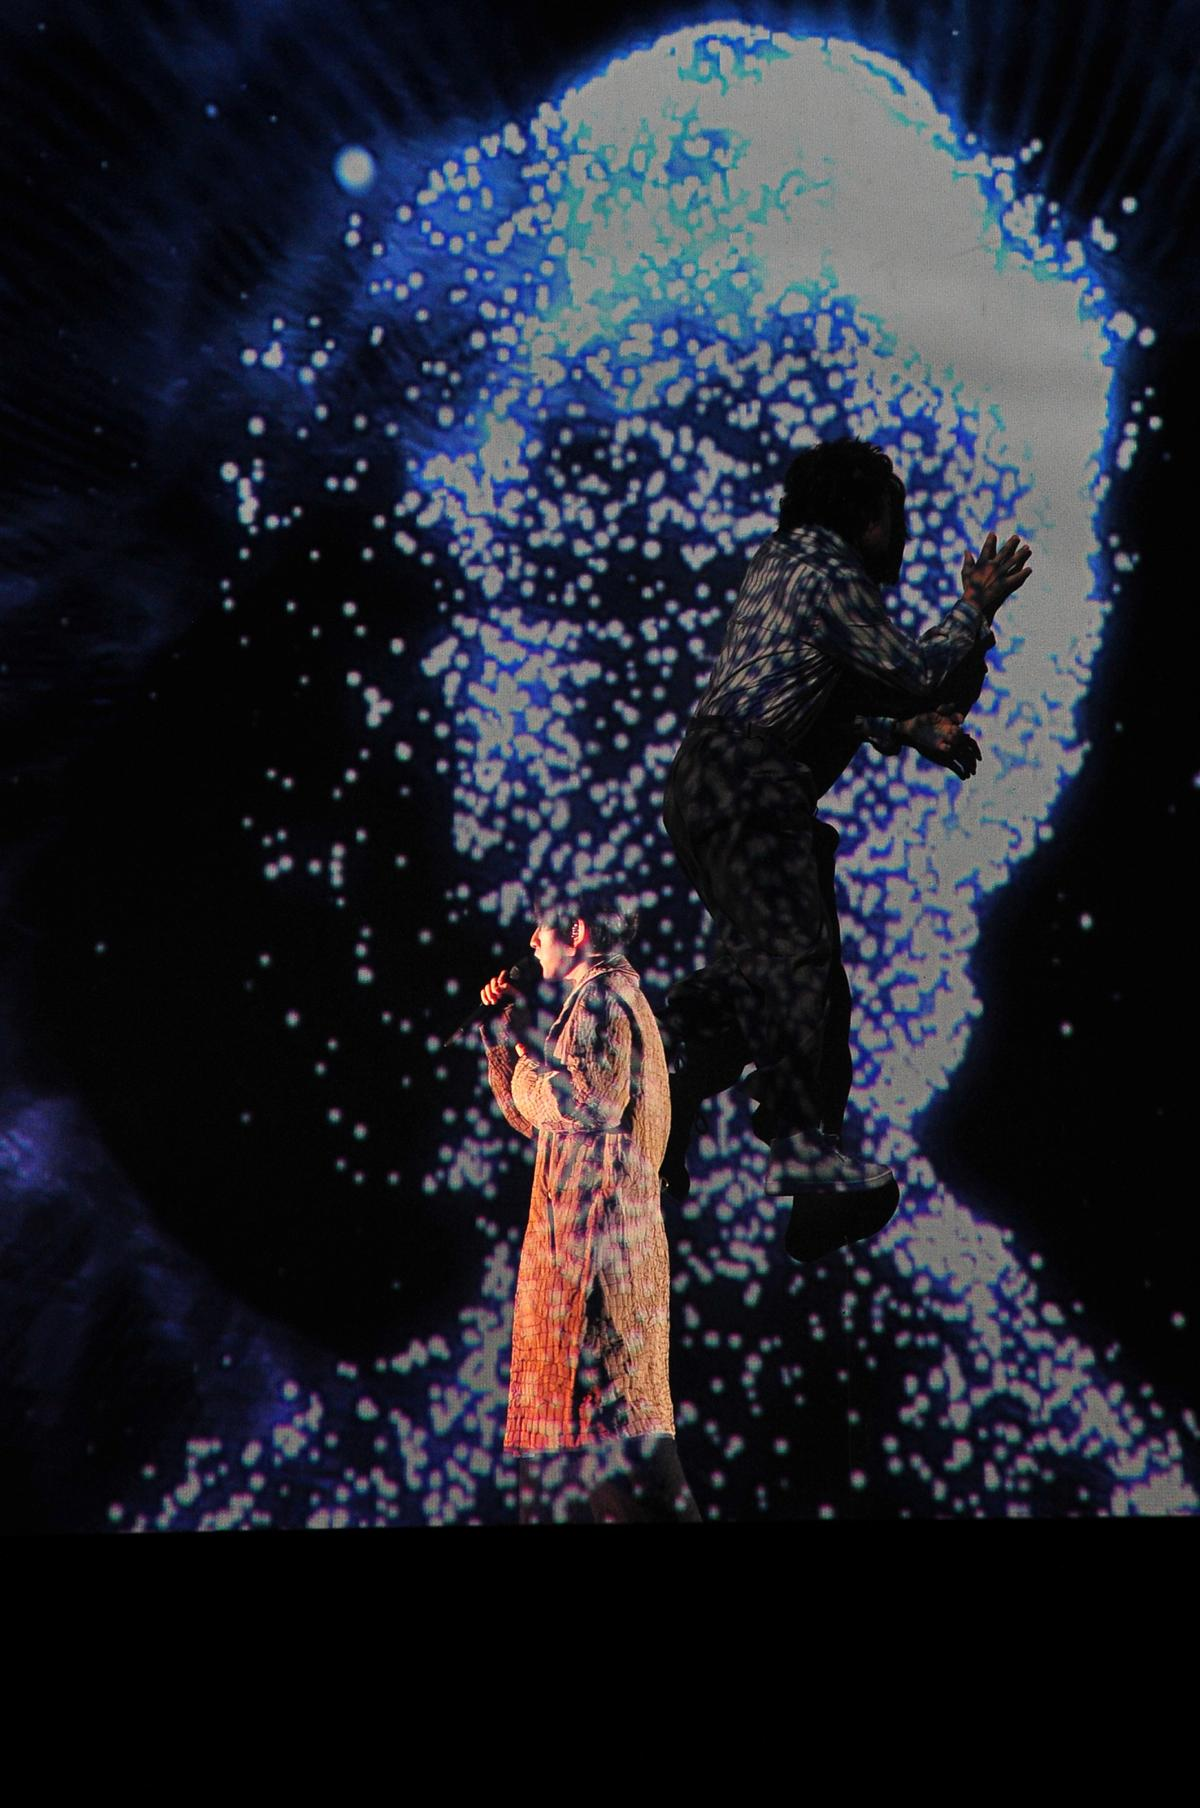 林宥嘉在主流唱片環境中仍堅持音樂創意。